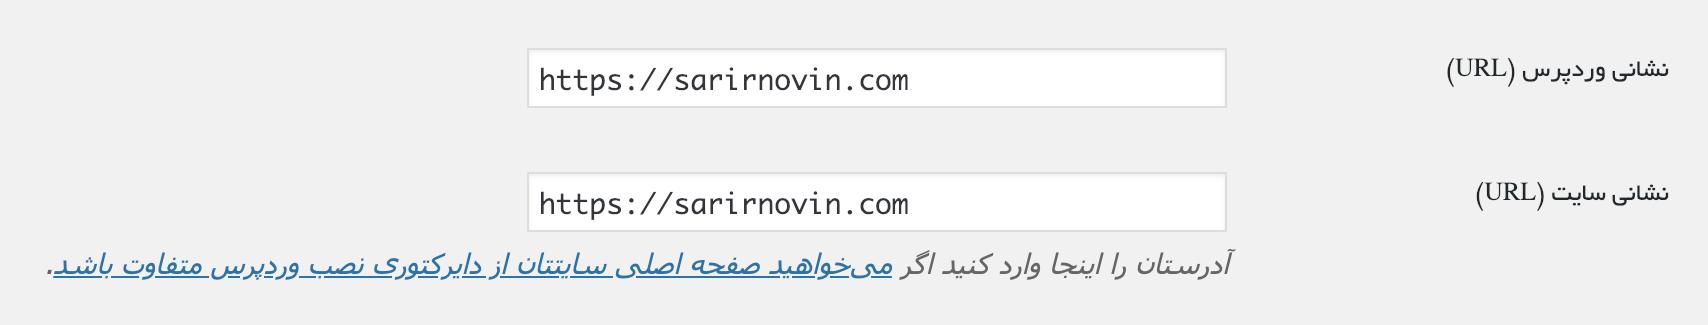 تنظیم آدرس سایت با www یا بدون www در وردپرس